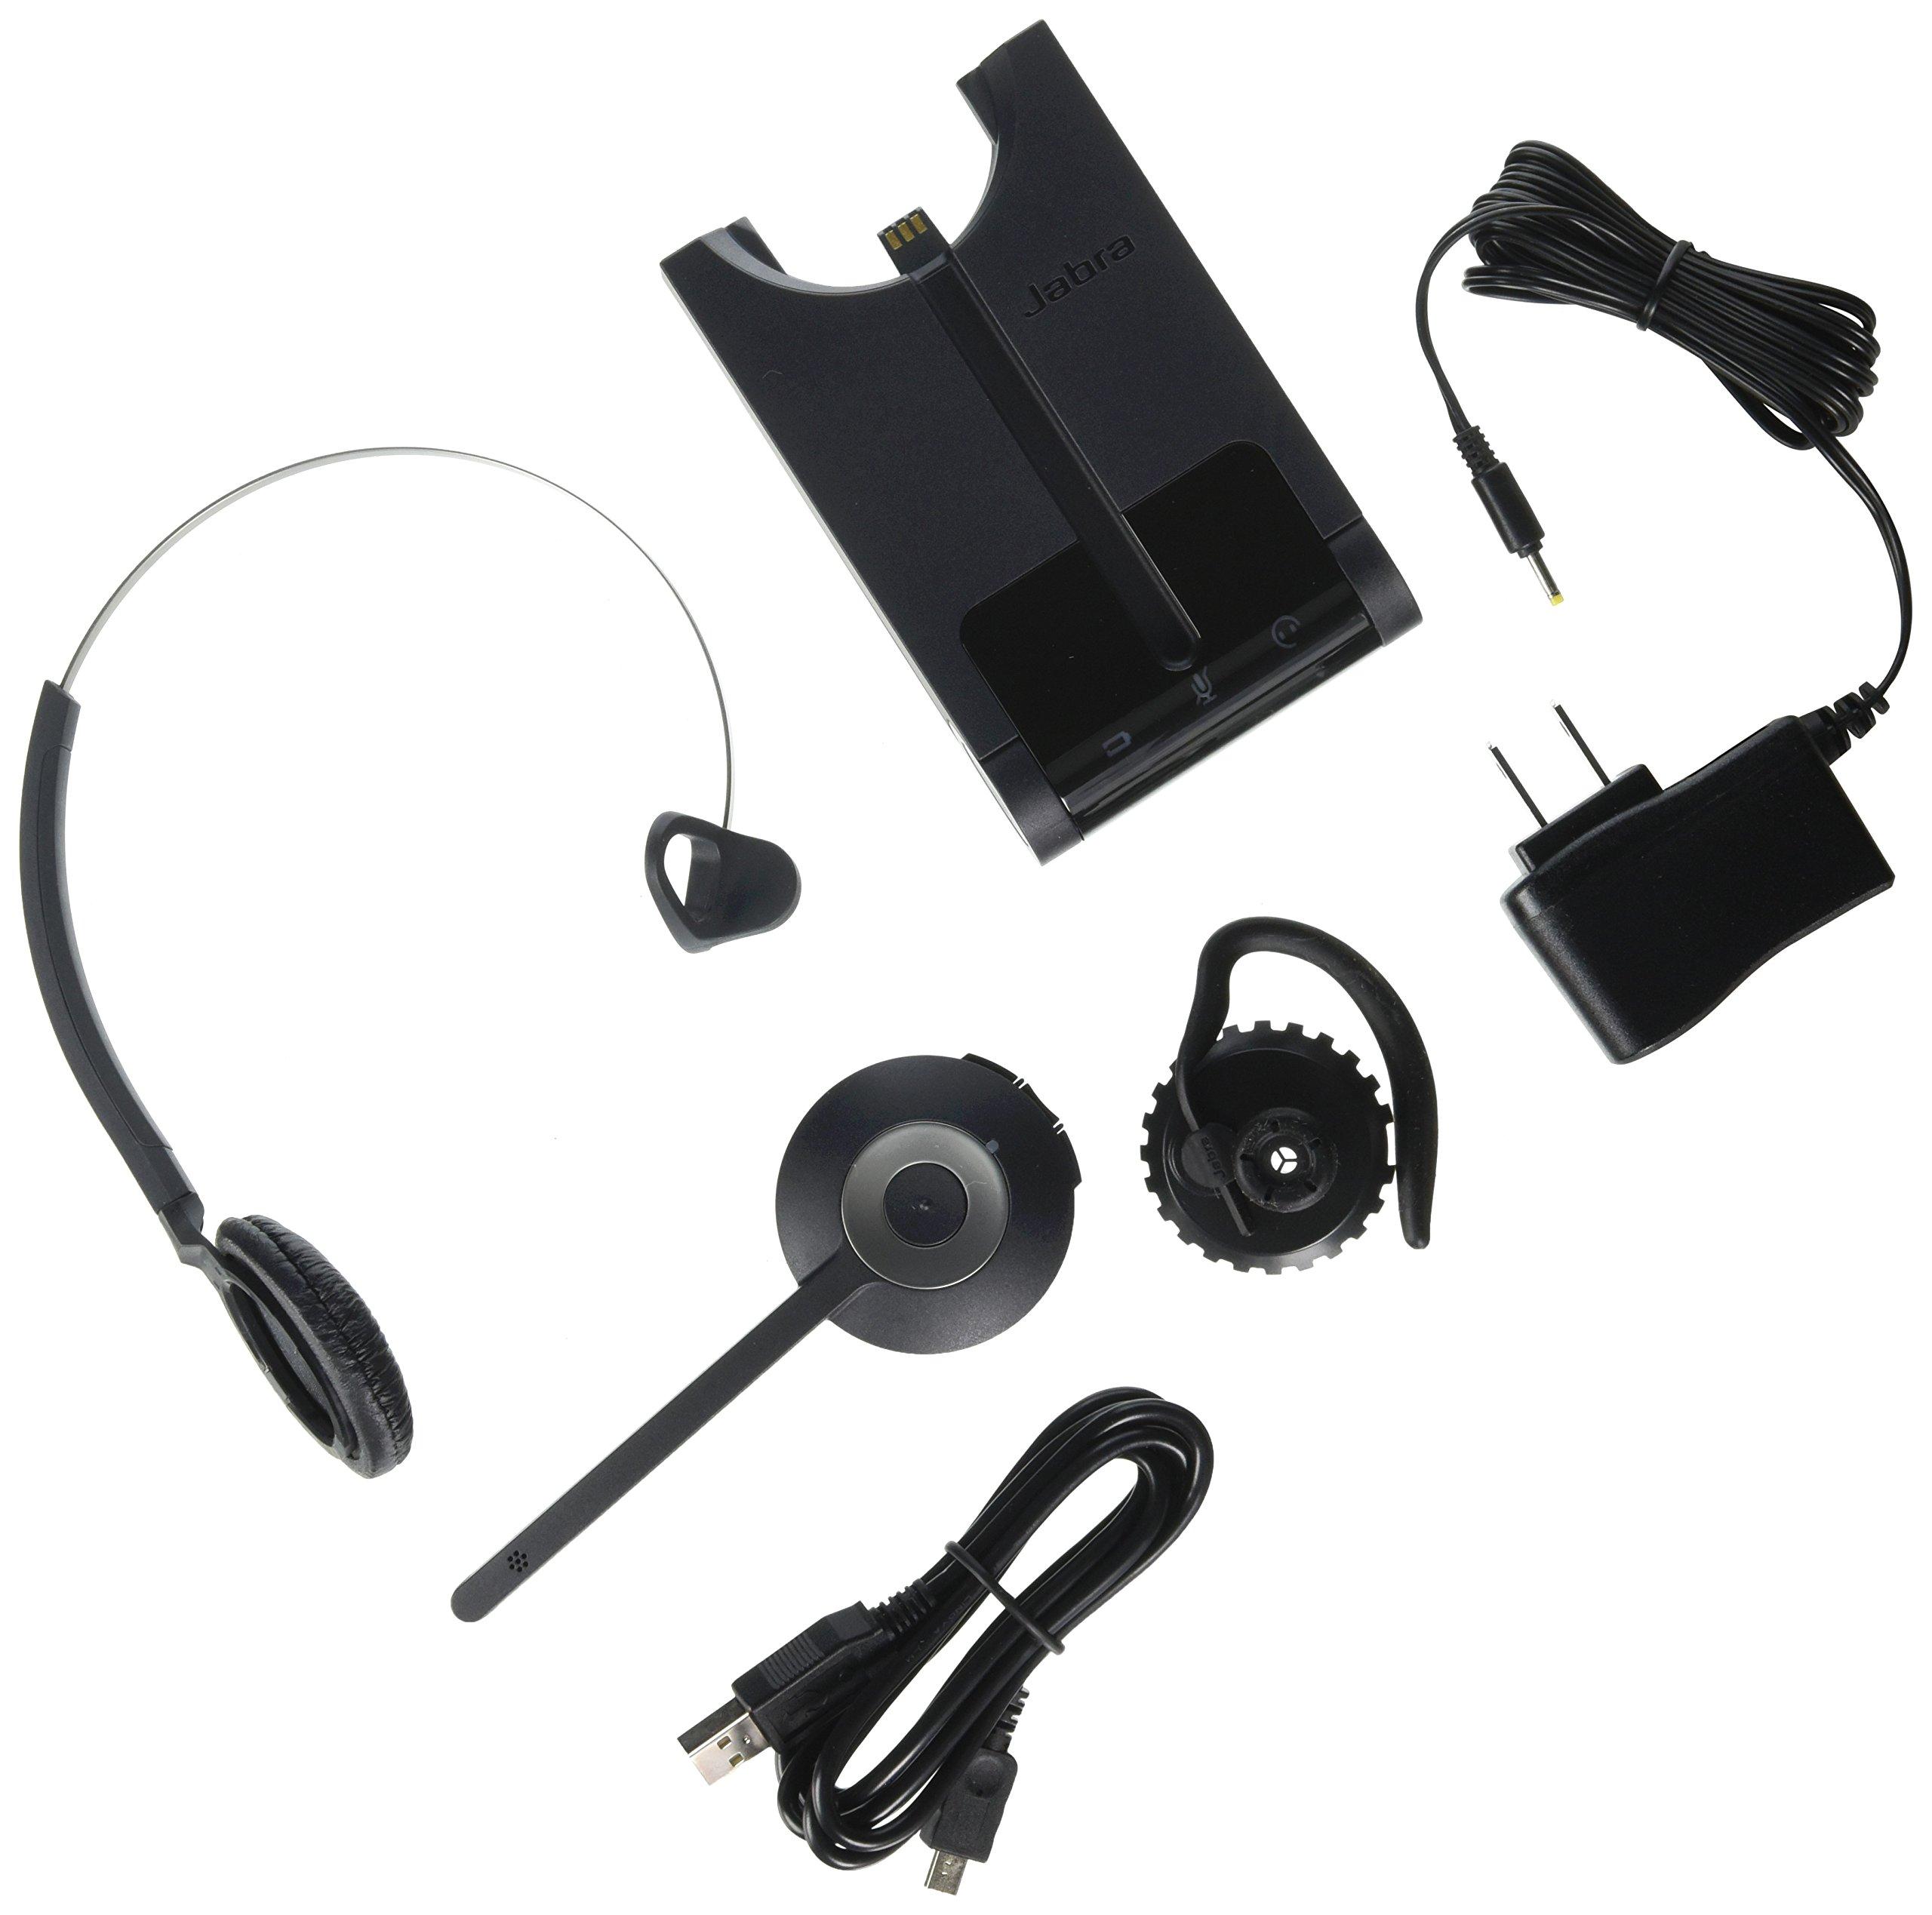 GN NETCOM 935-15-503-185 Jabra Pro Telephone Accessory